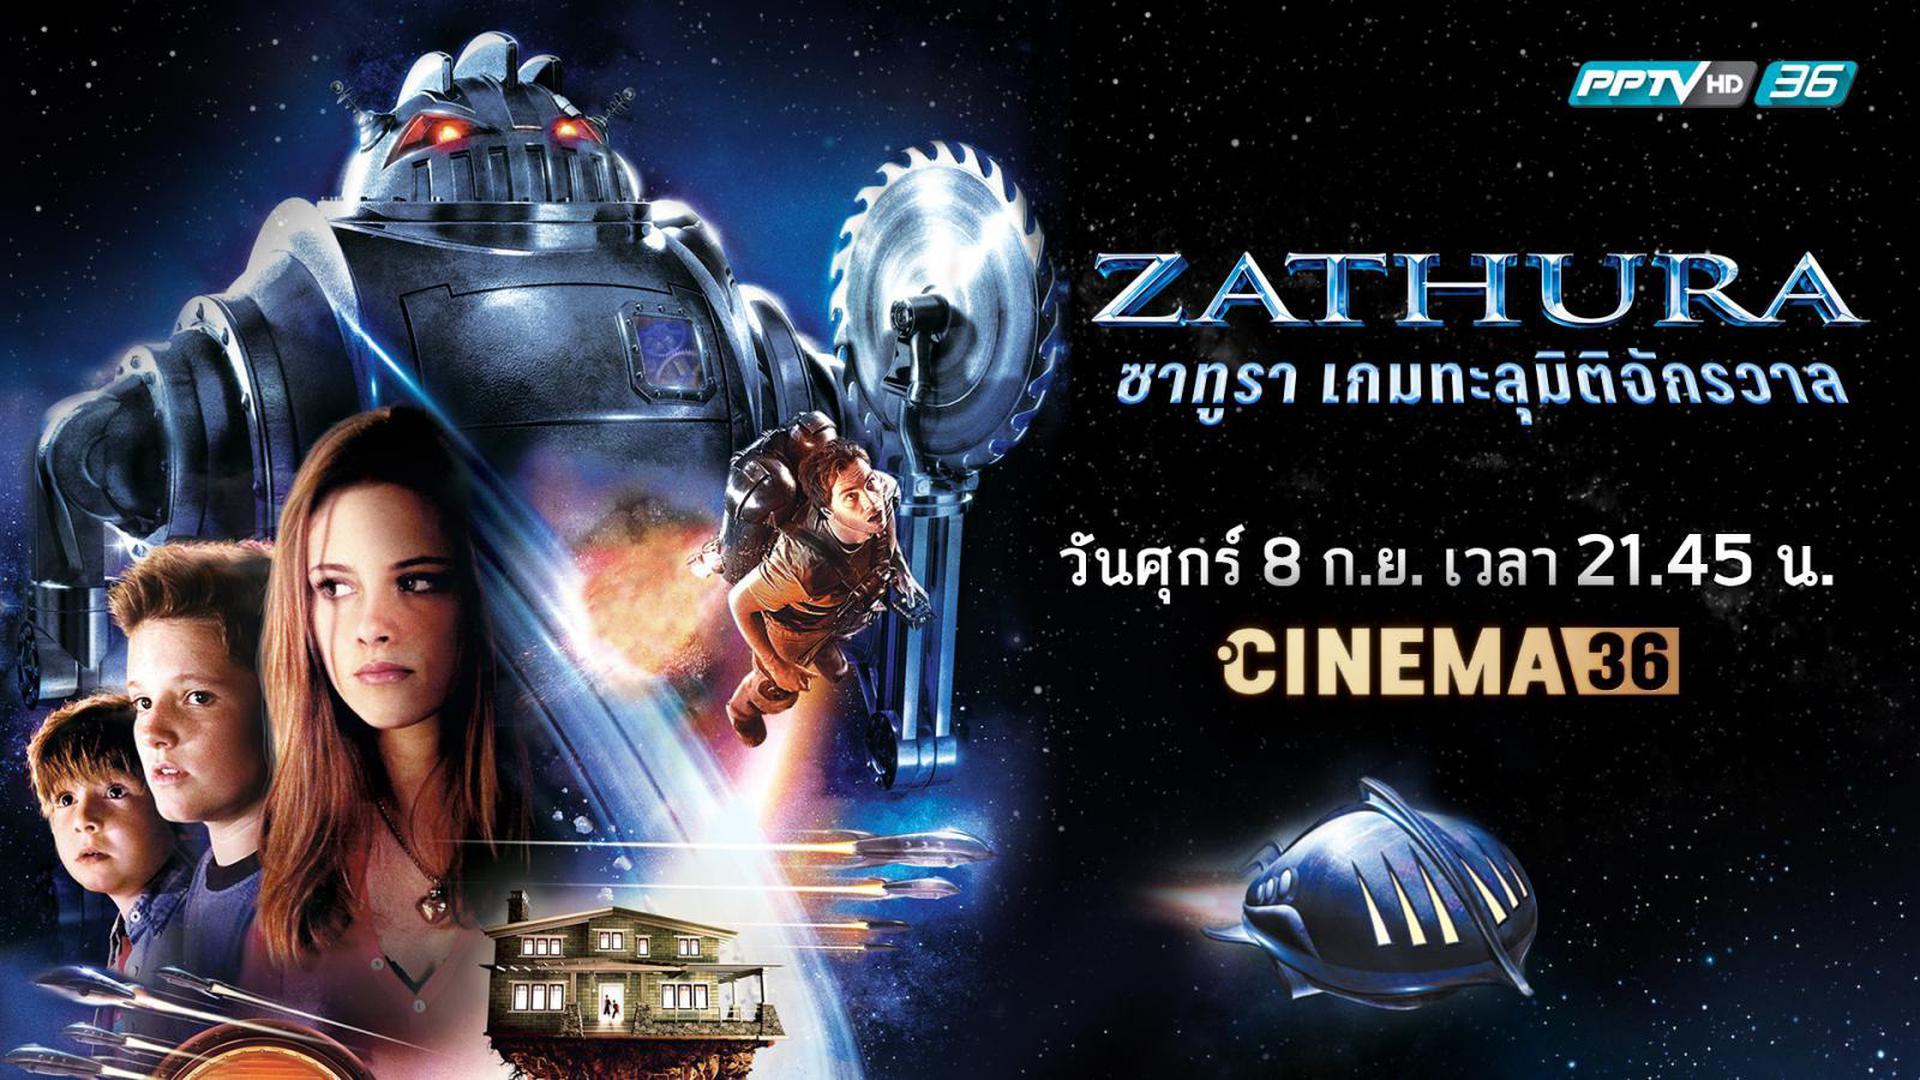 Zathura A Space Adventure ซาทูร่า เกมทะลุมิติจักรวาล (2005)